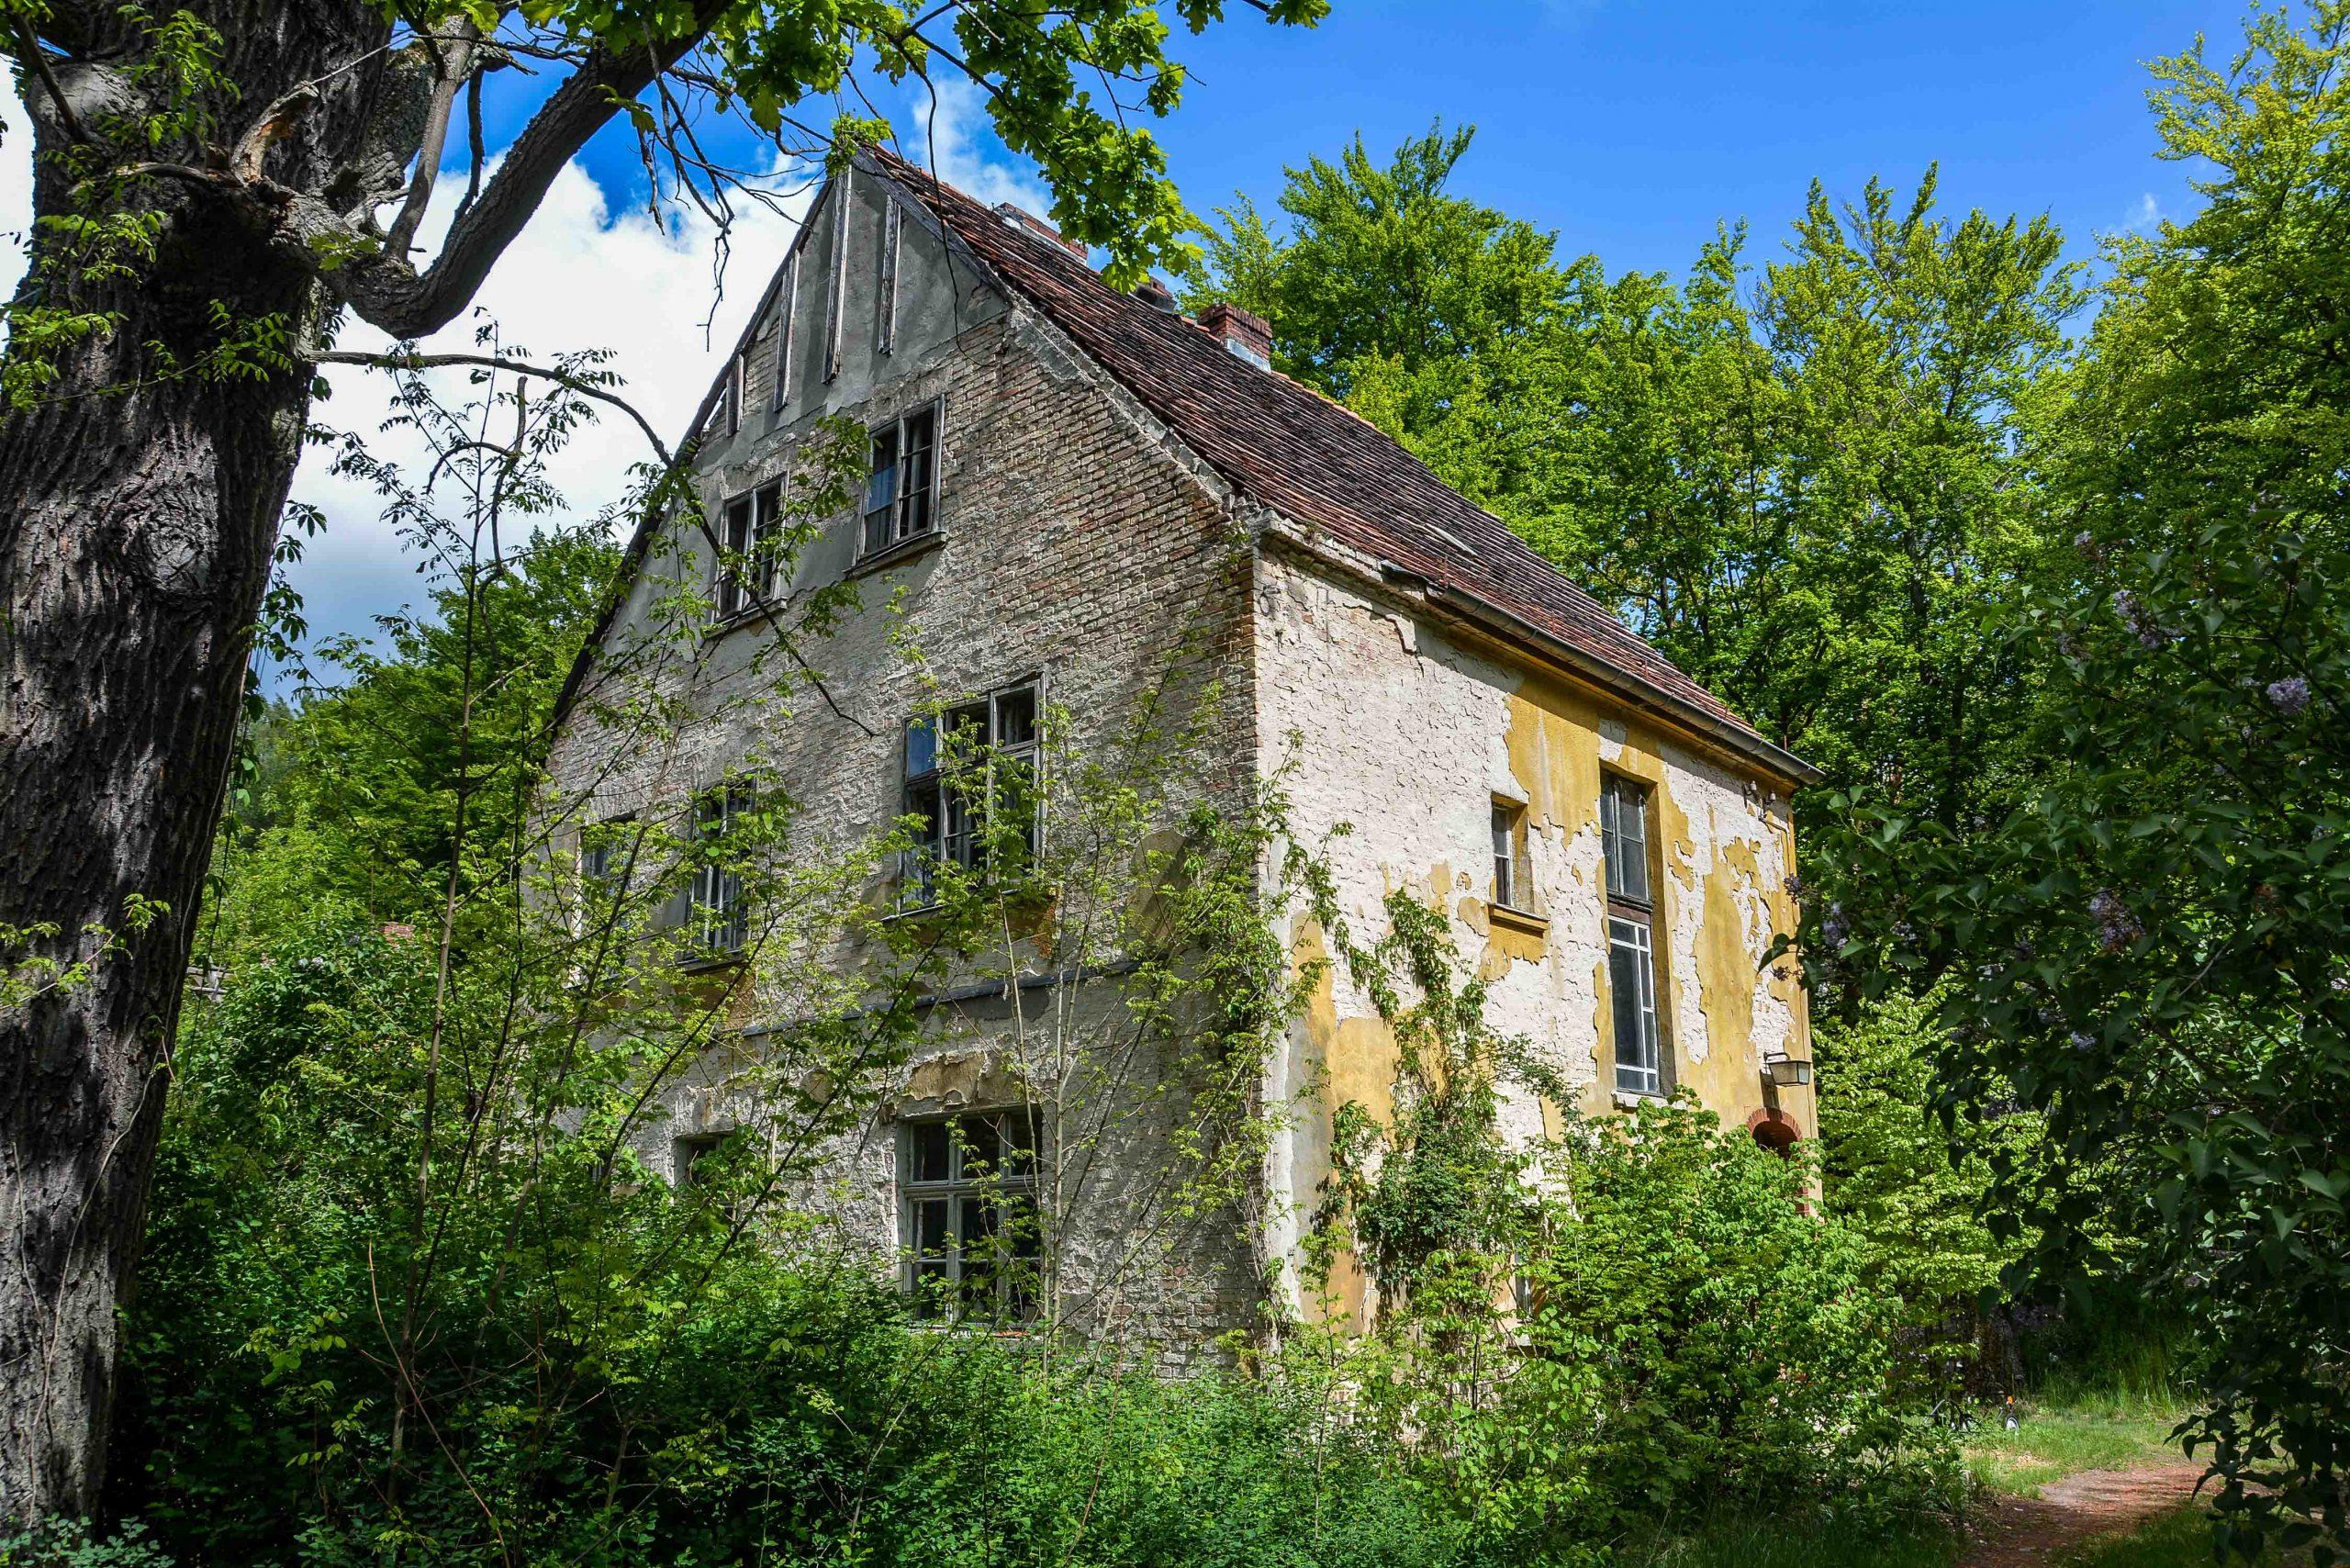 villa tuberkulose heilstaette grabowsee sanatorium oranienburg lost places abandoned urbex brandenburg germany deutschland